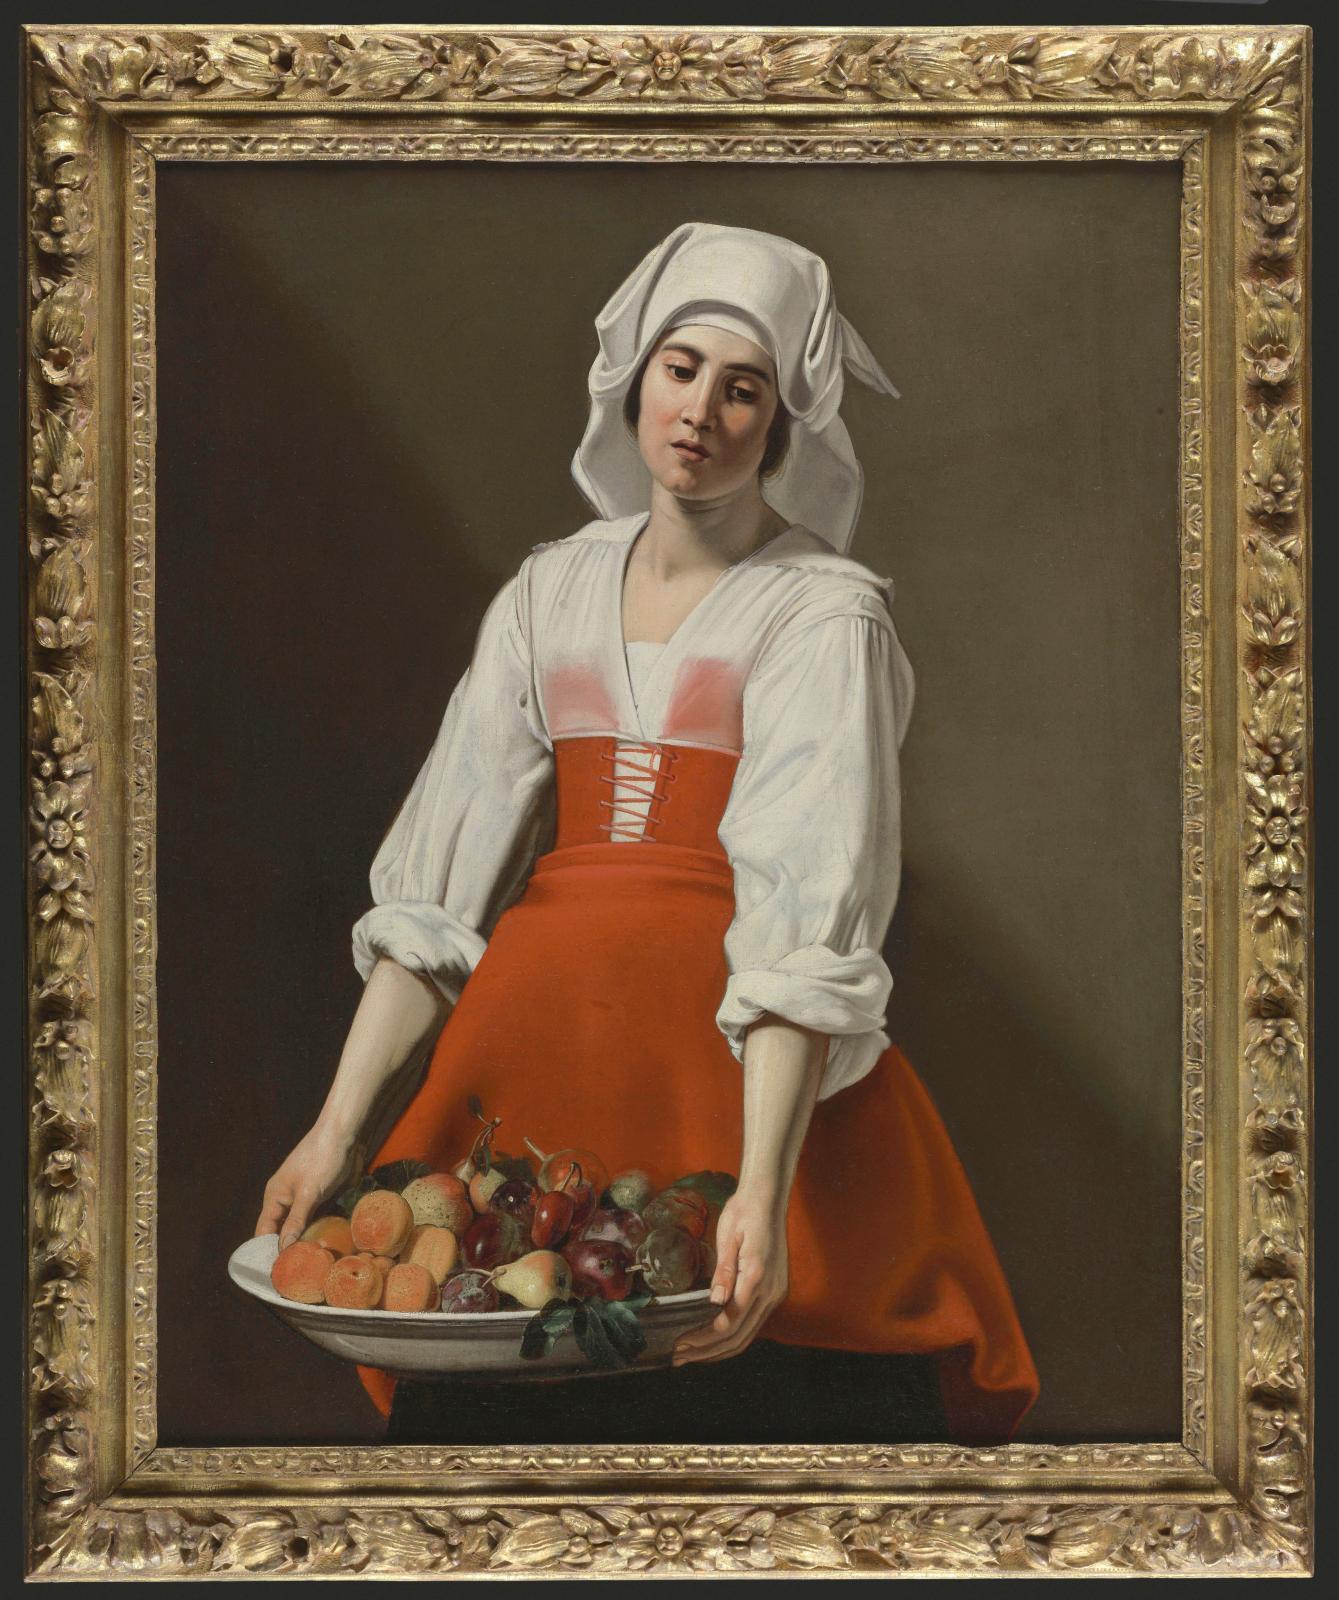 Nicolas Tournier(1590-1639), Paysanne à la coupe de fruits, vers 1630, huile sur toile, 91x73,5cm. ©Fondation Bemberg